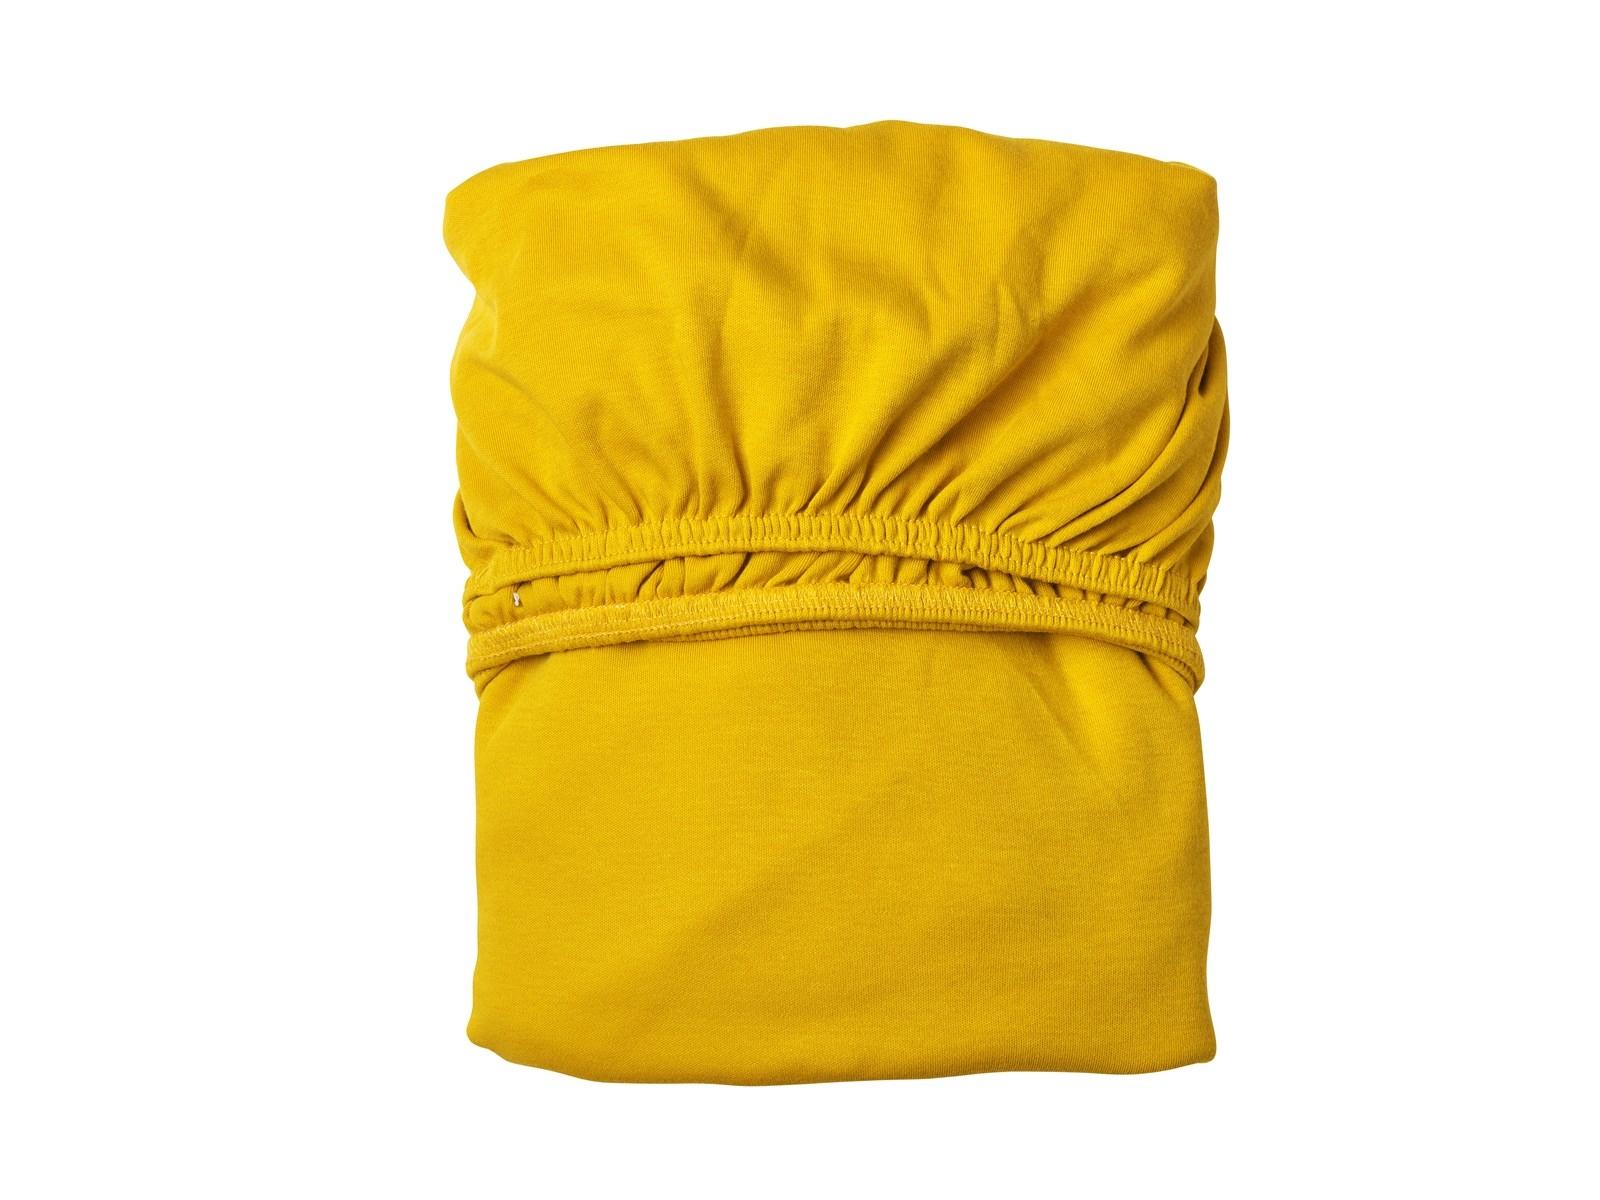 Leander lagen til babyseng 2pk - spicy yellow, 10 stk. på lager fra Leander på pixizoo